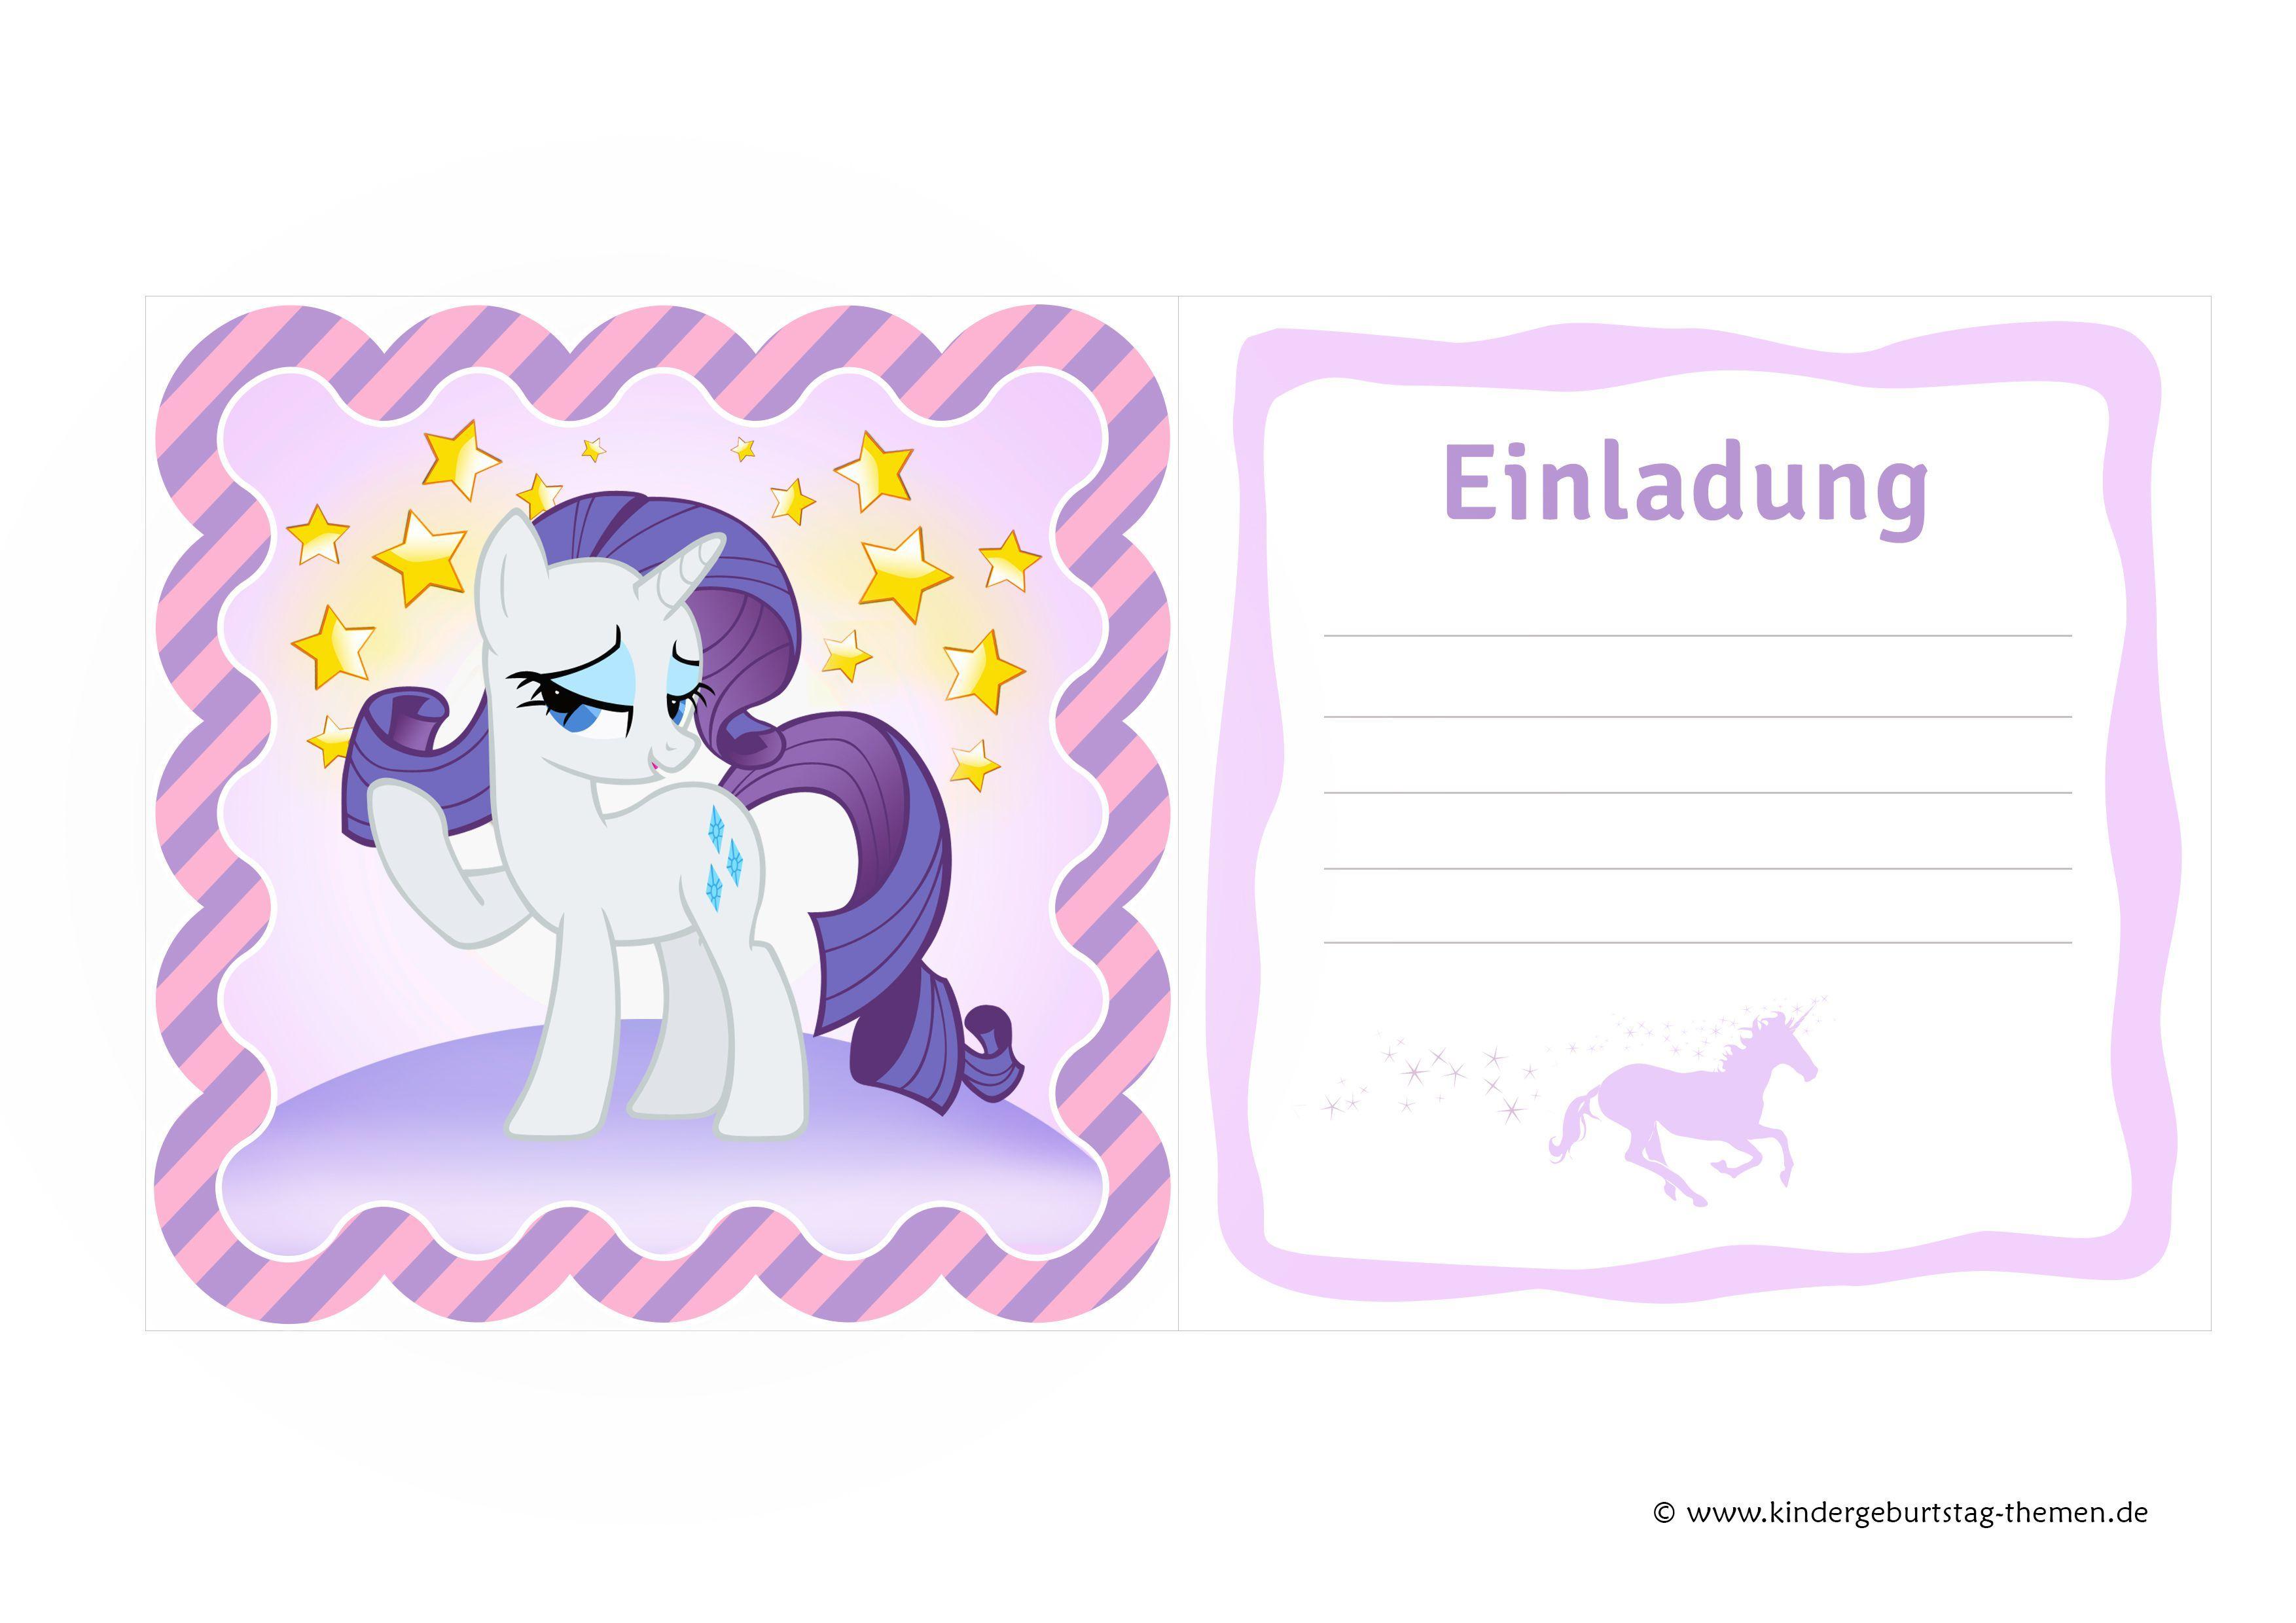 Einladungskarten Geburtstag Kinder : Einladungskarten Geburtstag Kindergeburtstag  Download   Kindergeburtstag Einladung   Kindergeburtstag Einladung